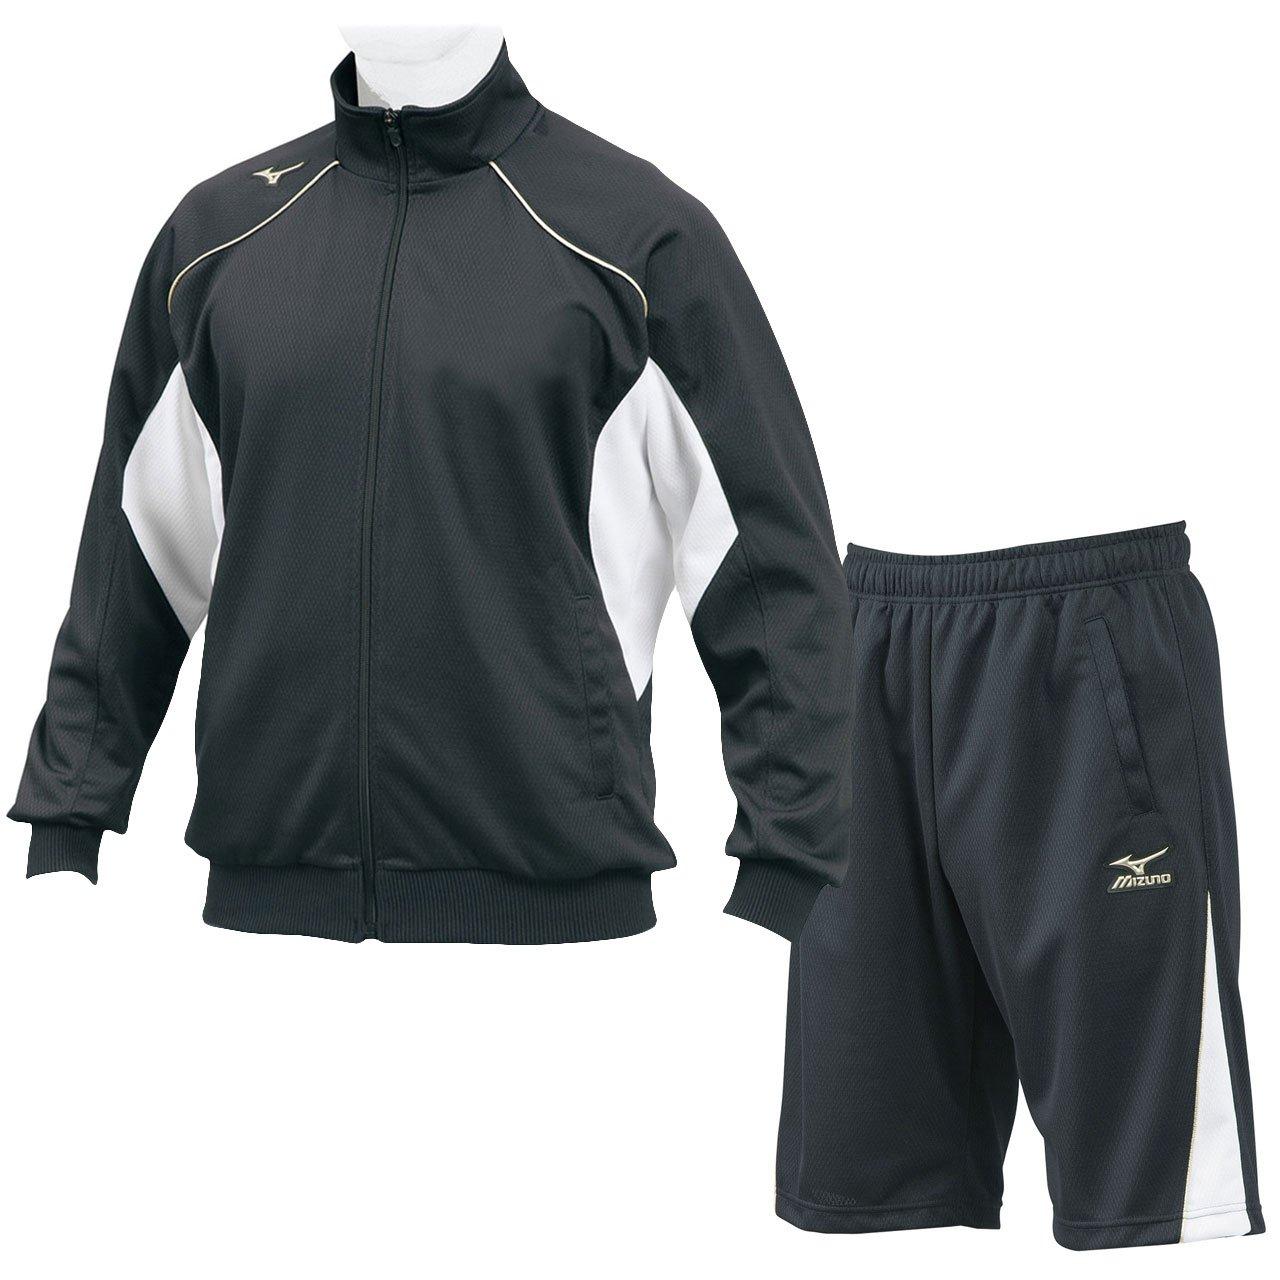 ミズノ(MIZUNO) グローバルエリート ウォームアップシャツ&ハーフパンツ 上下セット(ブラック) 12JC7R10-09-12JD7H10-09 B06VYBLX86 S|ブラック ブラック S